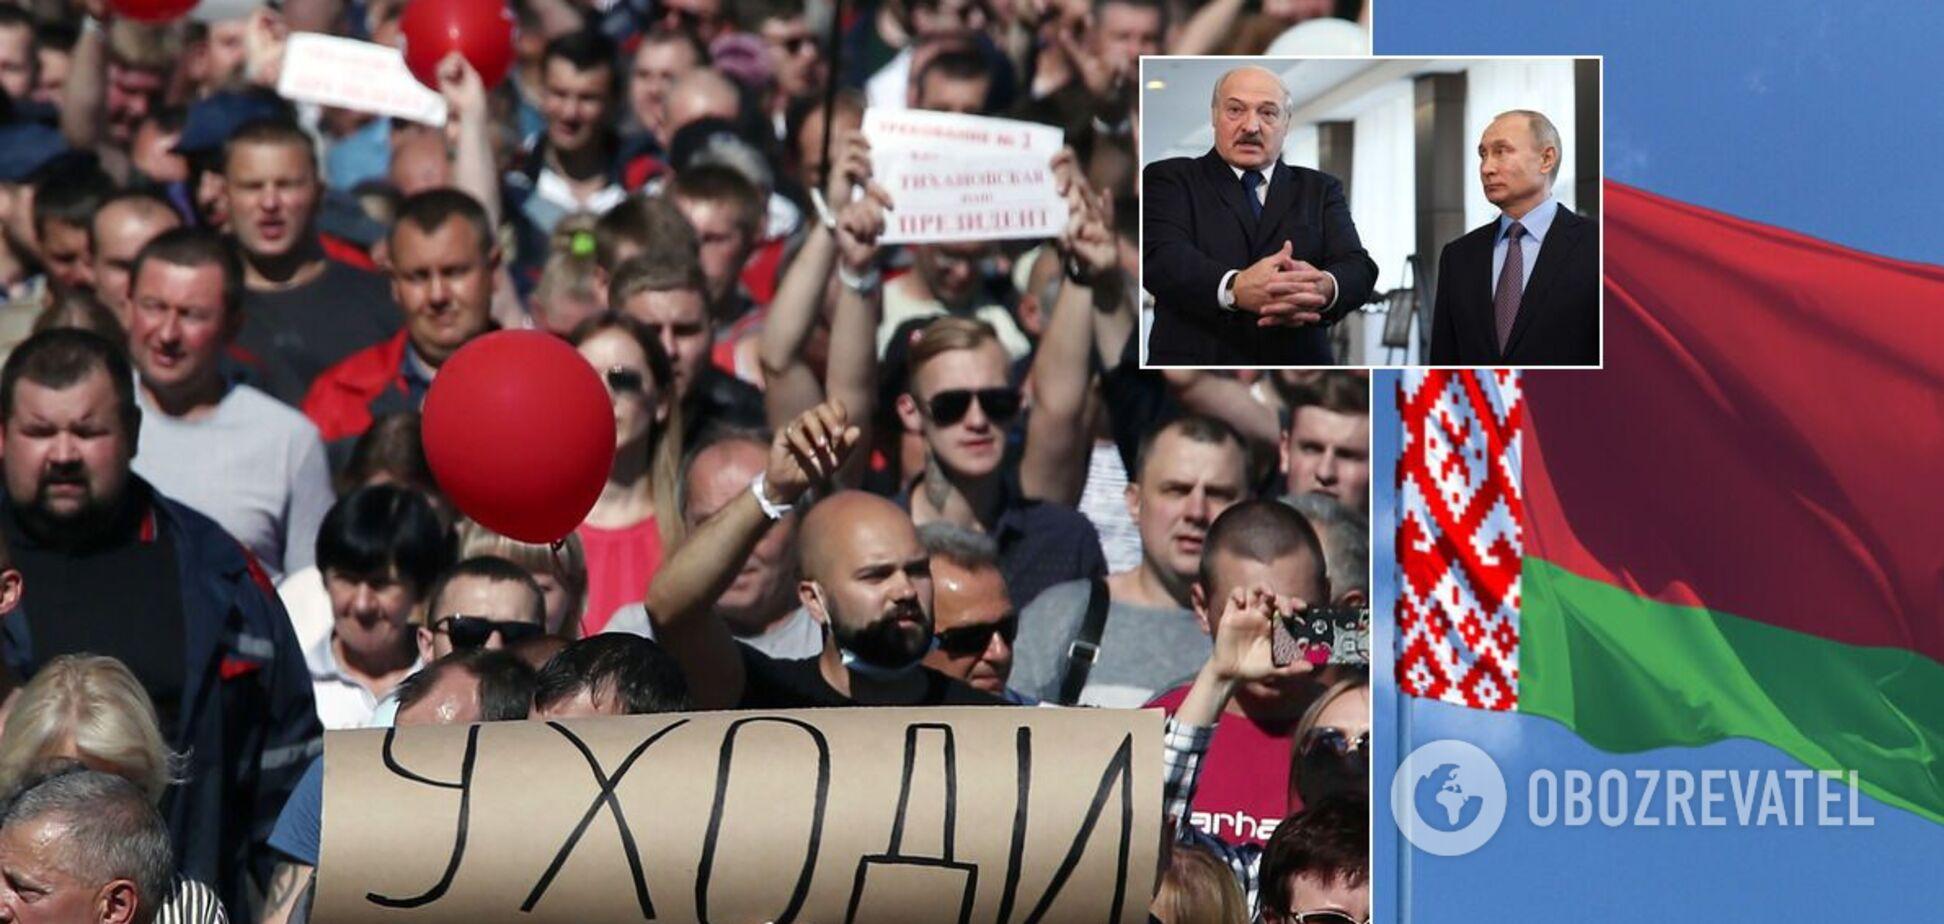 Олександр Лукашенко може втекти через протести в Білорусі